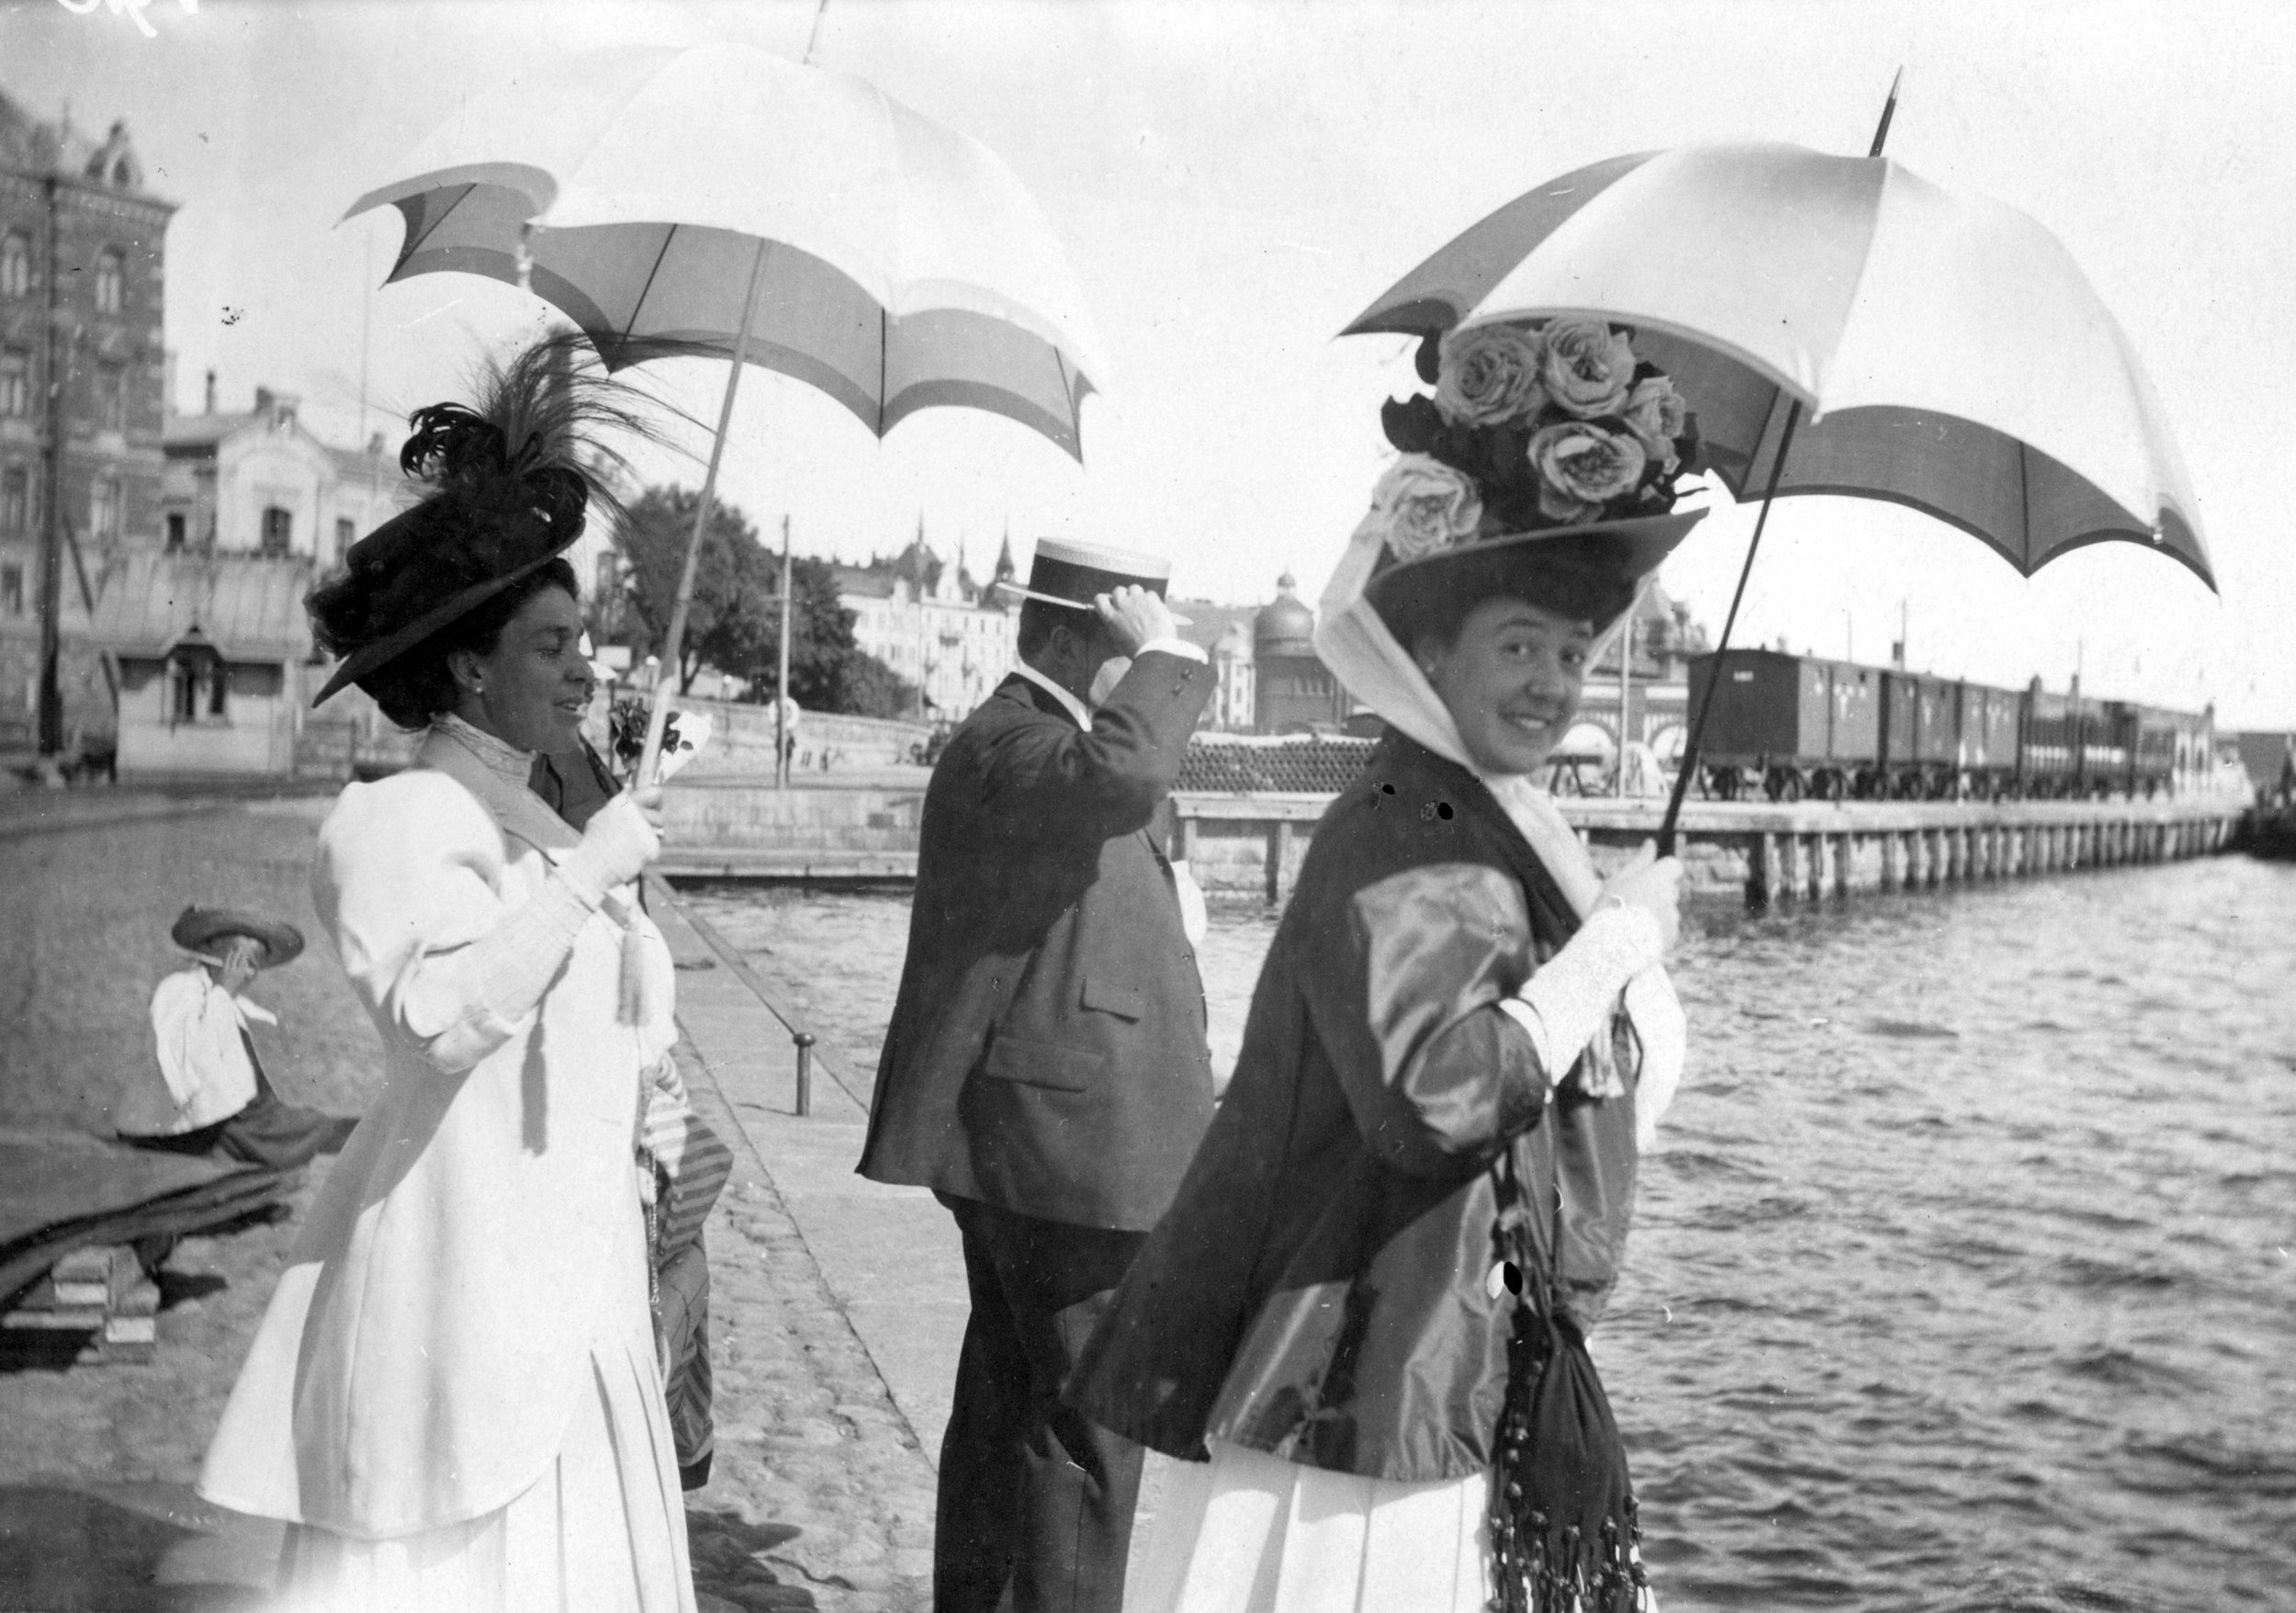 Rouva Berta Fazer, konsuli Frans Stockmann ja rouva Edit Stockmann Eteläsatamassa. 1910. Kuva: Helsingin kaupunginmuseo